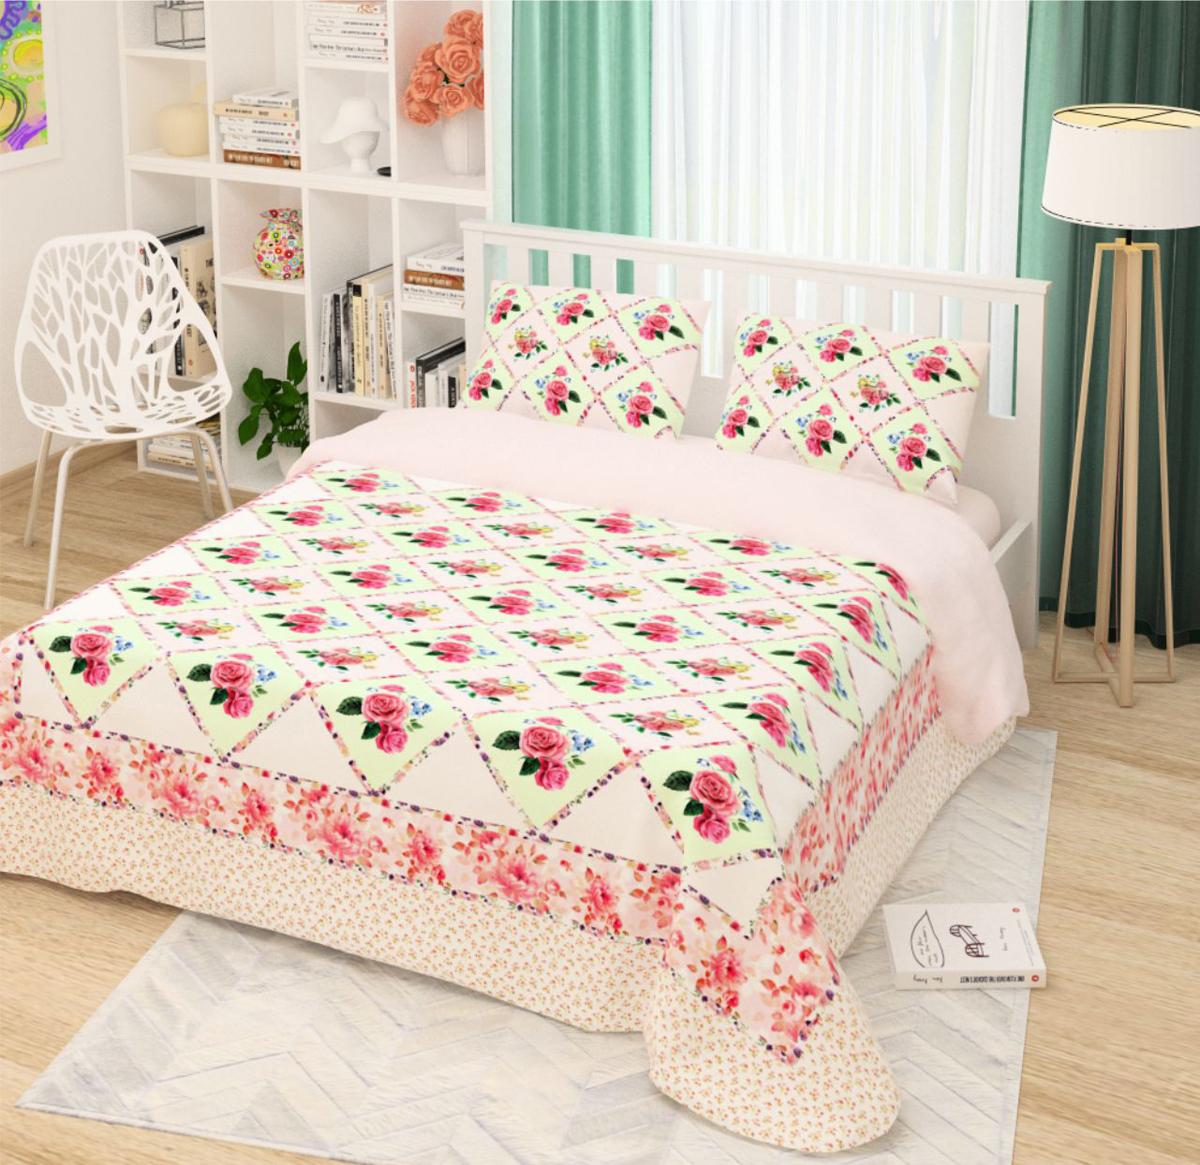 Комплект белья Сирень Розовый каприз, 1,5-спальный, наволочки 50x70 смКПБМ-10480Комплект постельного белья Сирень выполнен из прочной и мягкой ткани. Четкий и стильный рисунок в сочетании с насыщенными красками делают комплект постельного белья неповторимой изюминкой любого интерьера. Постельное белье идеально подойдет для подарка. Идеальное соотношение смешенной ткани и гипоаллергенных красок это гарантия здорового, спокойного сна.Ткань хорошо впитывает влагу, надолго сохраняет яркость красок. Цвет простыни, пододеяльника, наволочки в комплектации может немного отличаться от представленного на фото.В комплект входят: простыня - 150х220см; пододельяник 145х210 см; наволочка - 50х70х2шт.Постельное белье легко стирать при 30-40 градусах, гладить при 150 градусах, не отбеливать. Рекомендуется перед первым использованием постирать.